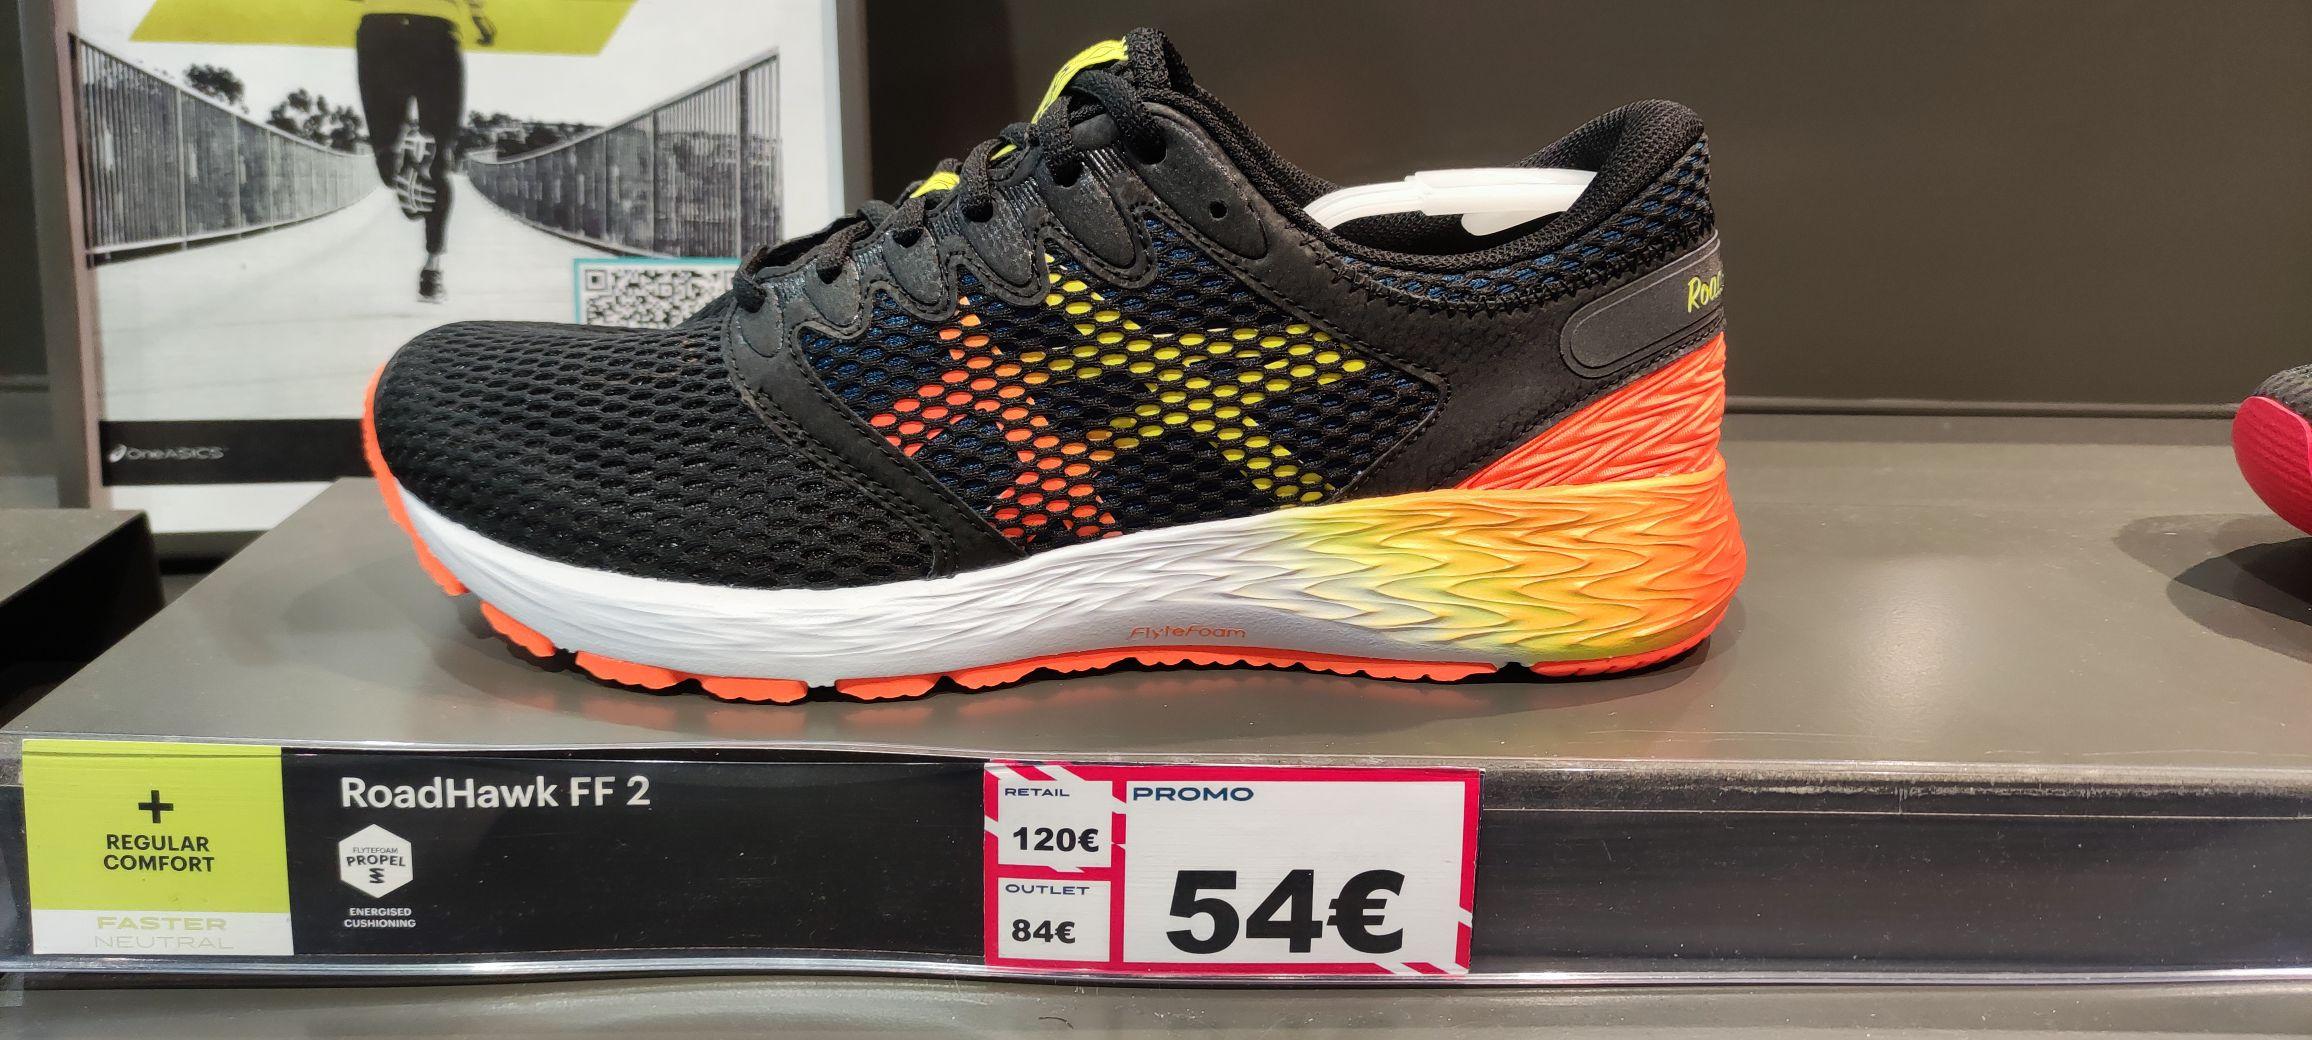 Sélection de chaussures de running Asics en promotion - Ex : RoadHawk FF2 (du 39 au 46) - The Village Outlet Villefontaine (38)